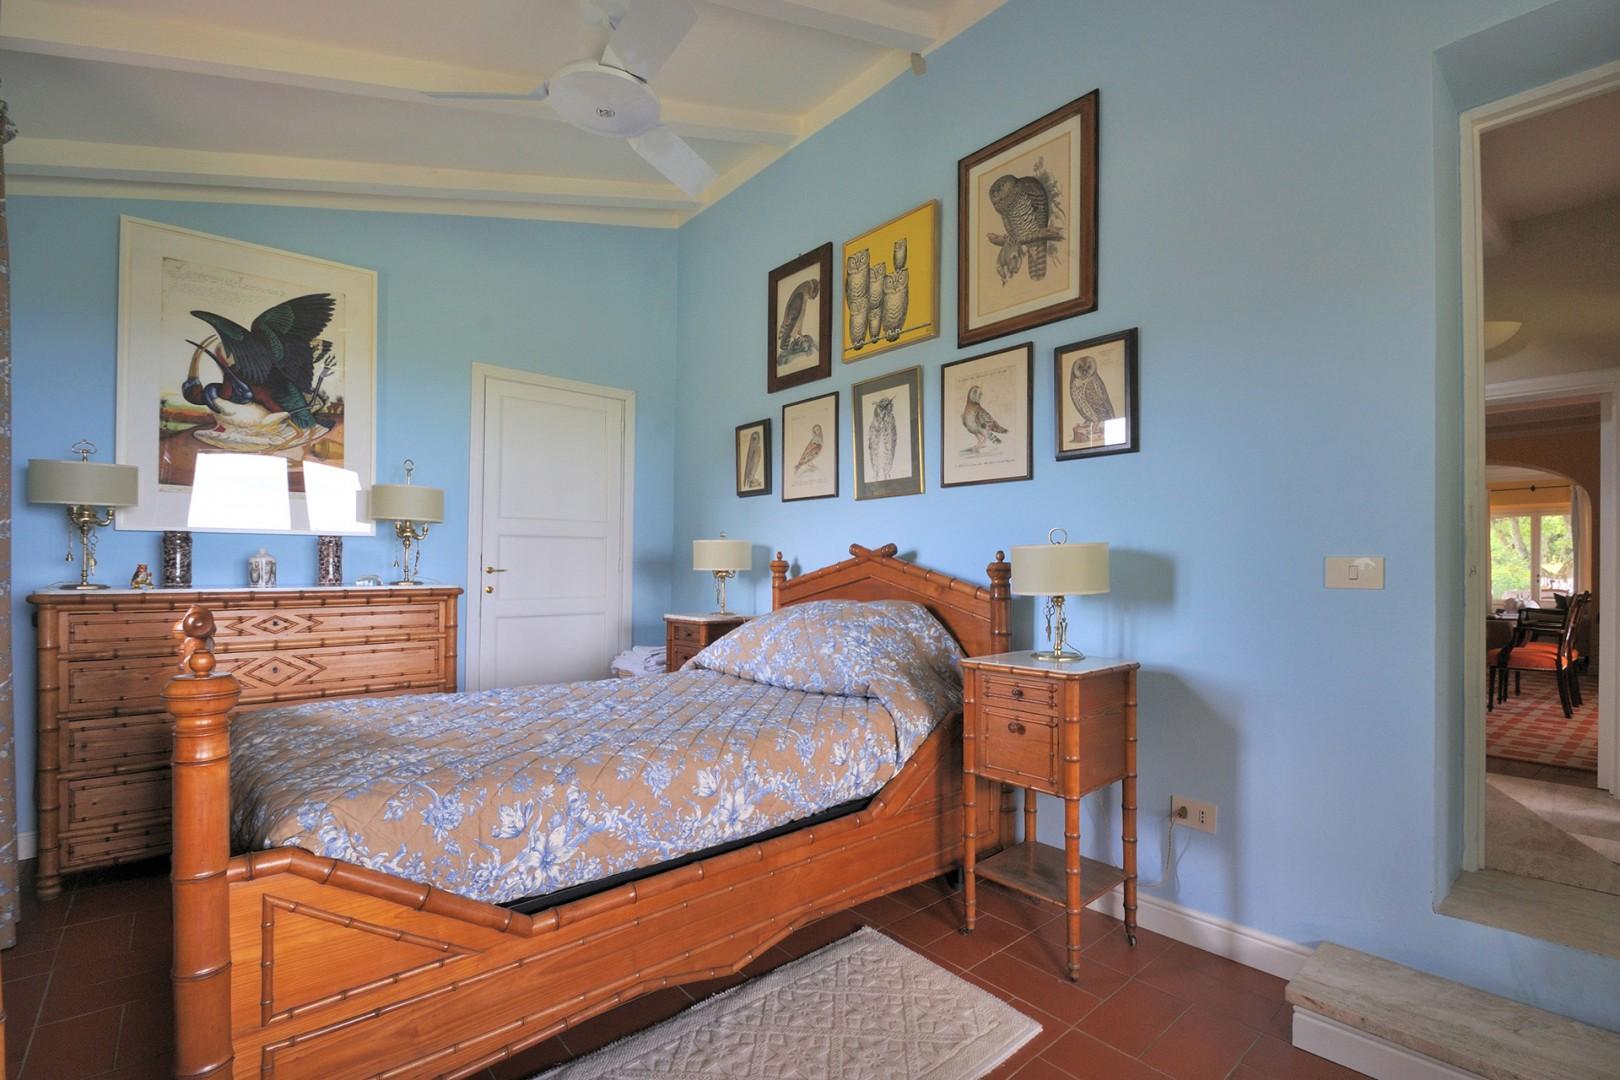 Ground floor bedroom 7 has one bed.